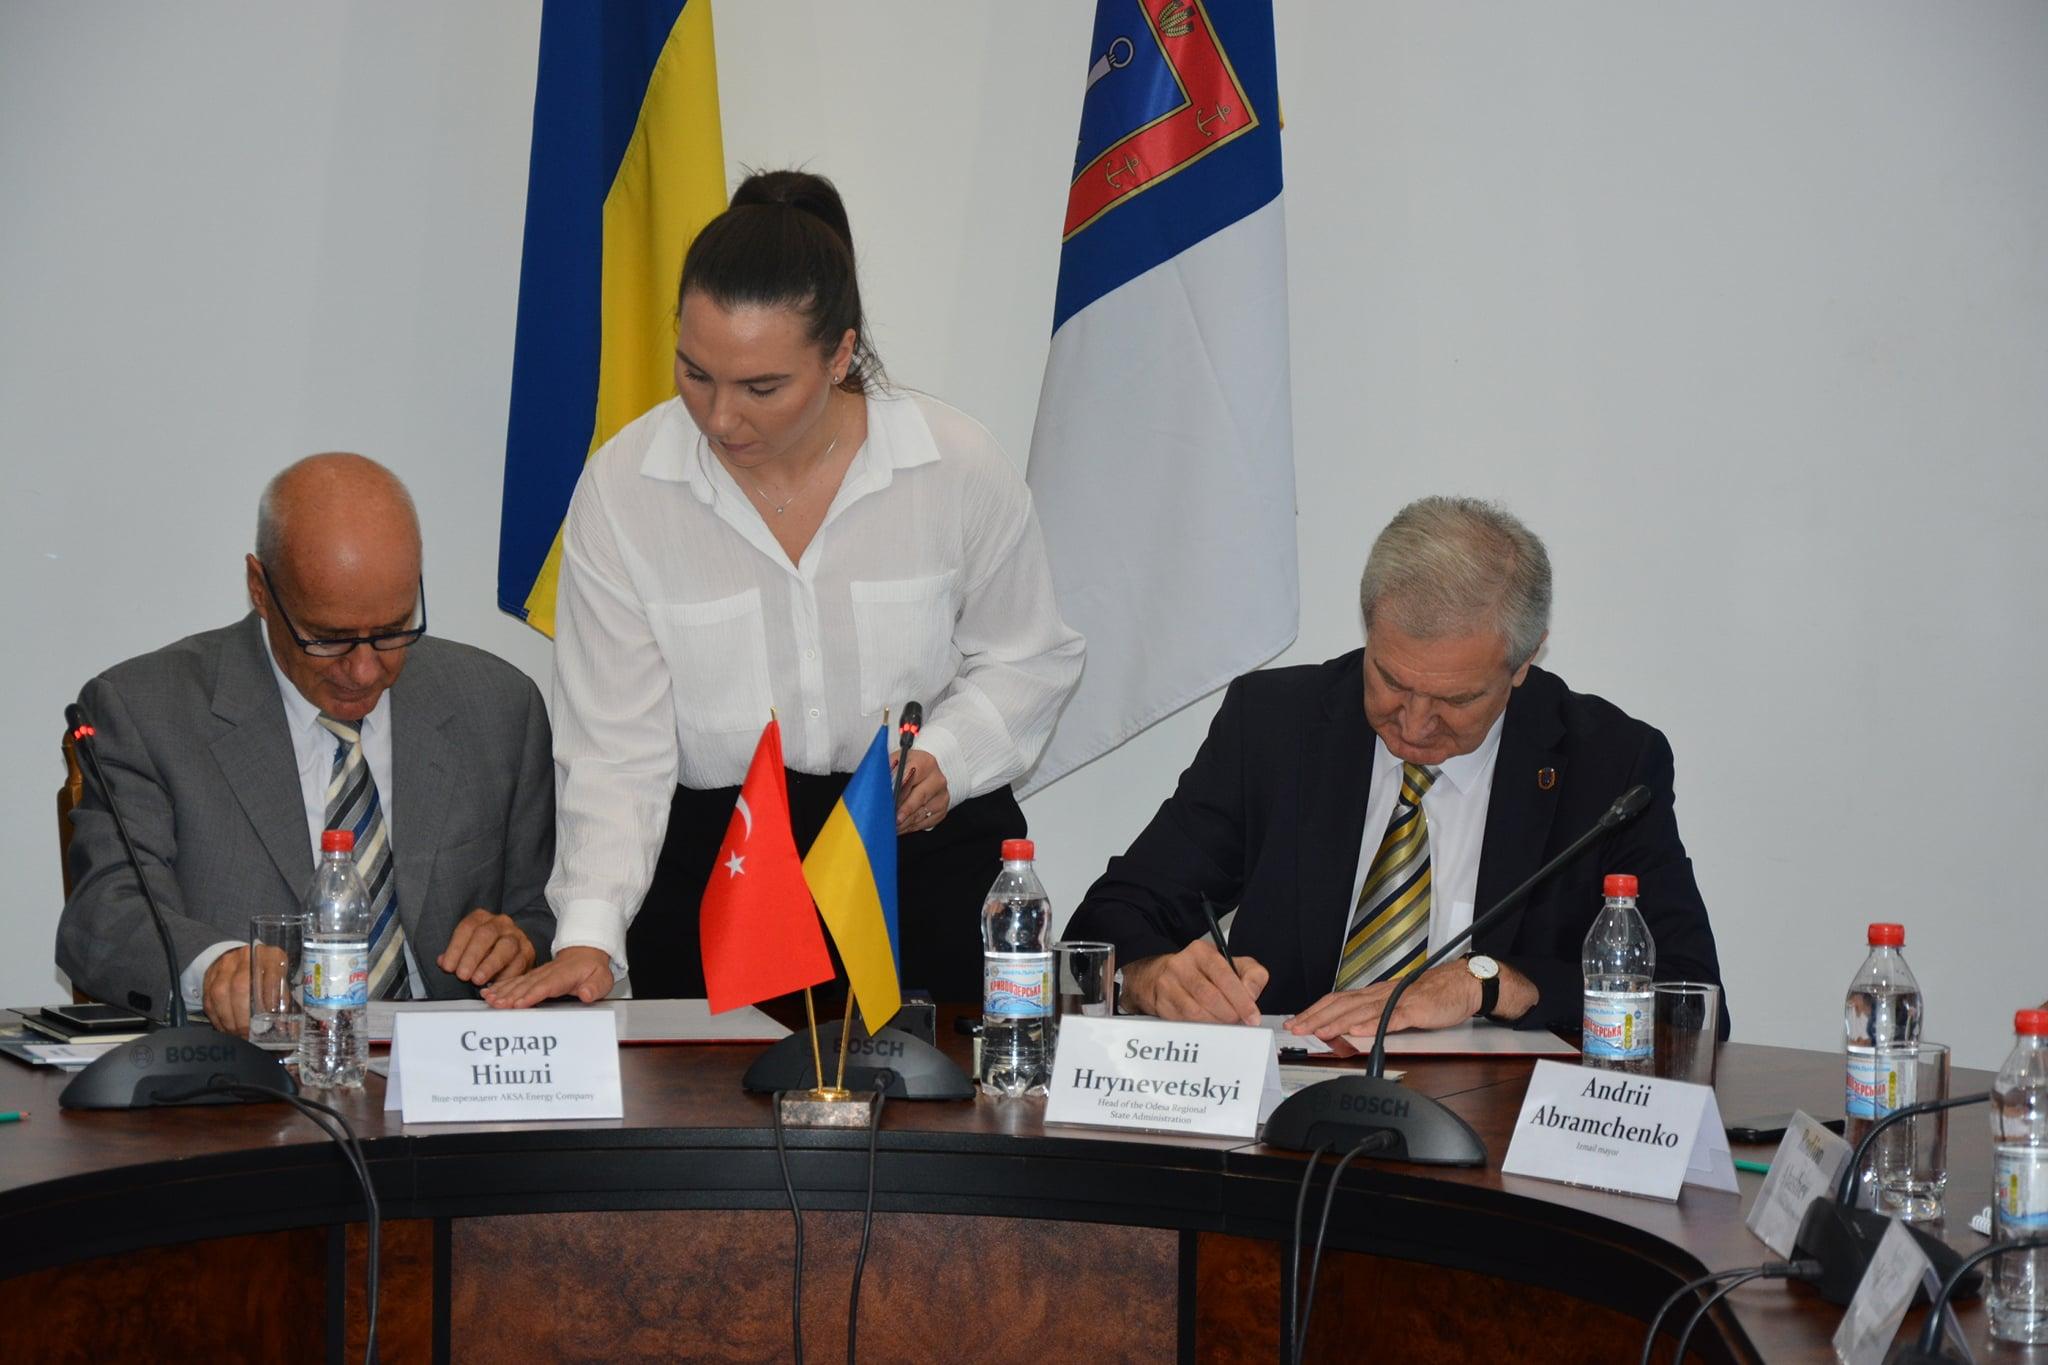 Подписан документ о строительстве турками парогазовой электростанции в Измаиле